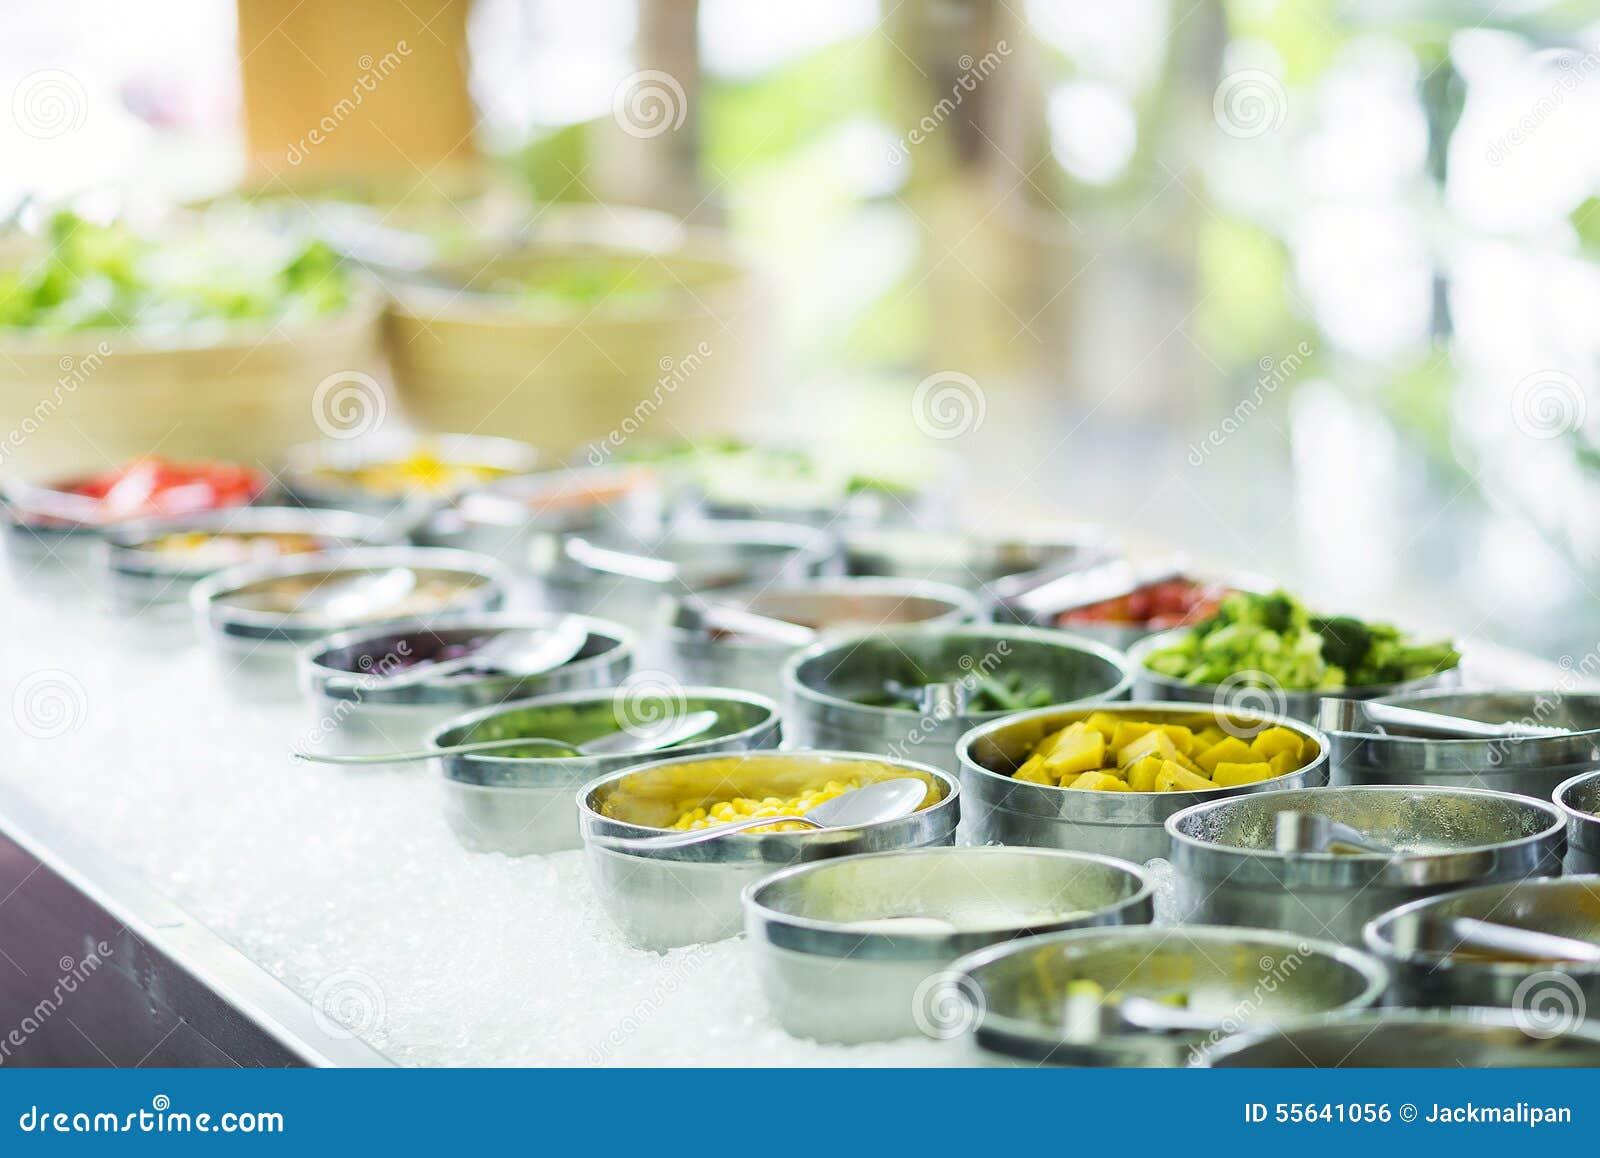 Buffet Di Insalate Miste : Ingredienti di verdure misti nell esposizione della barra di